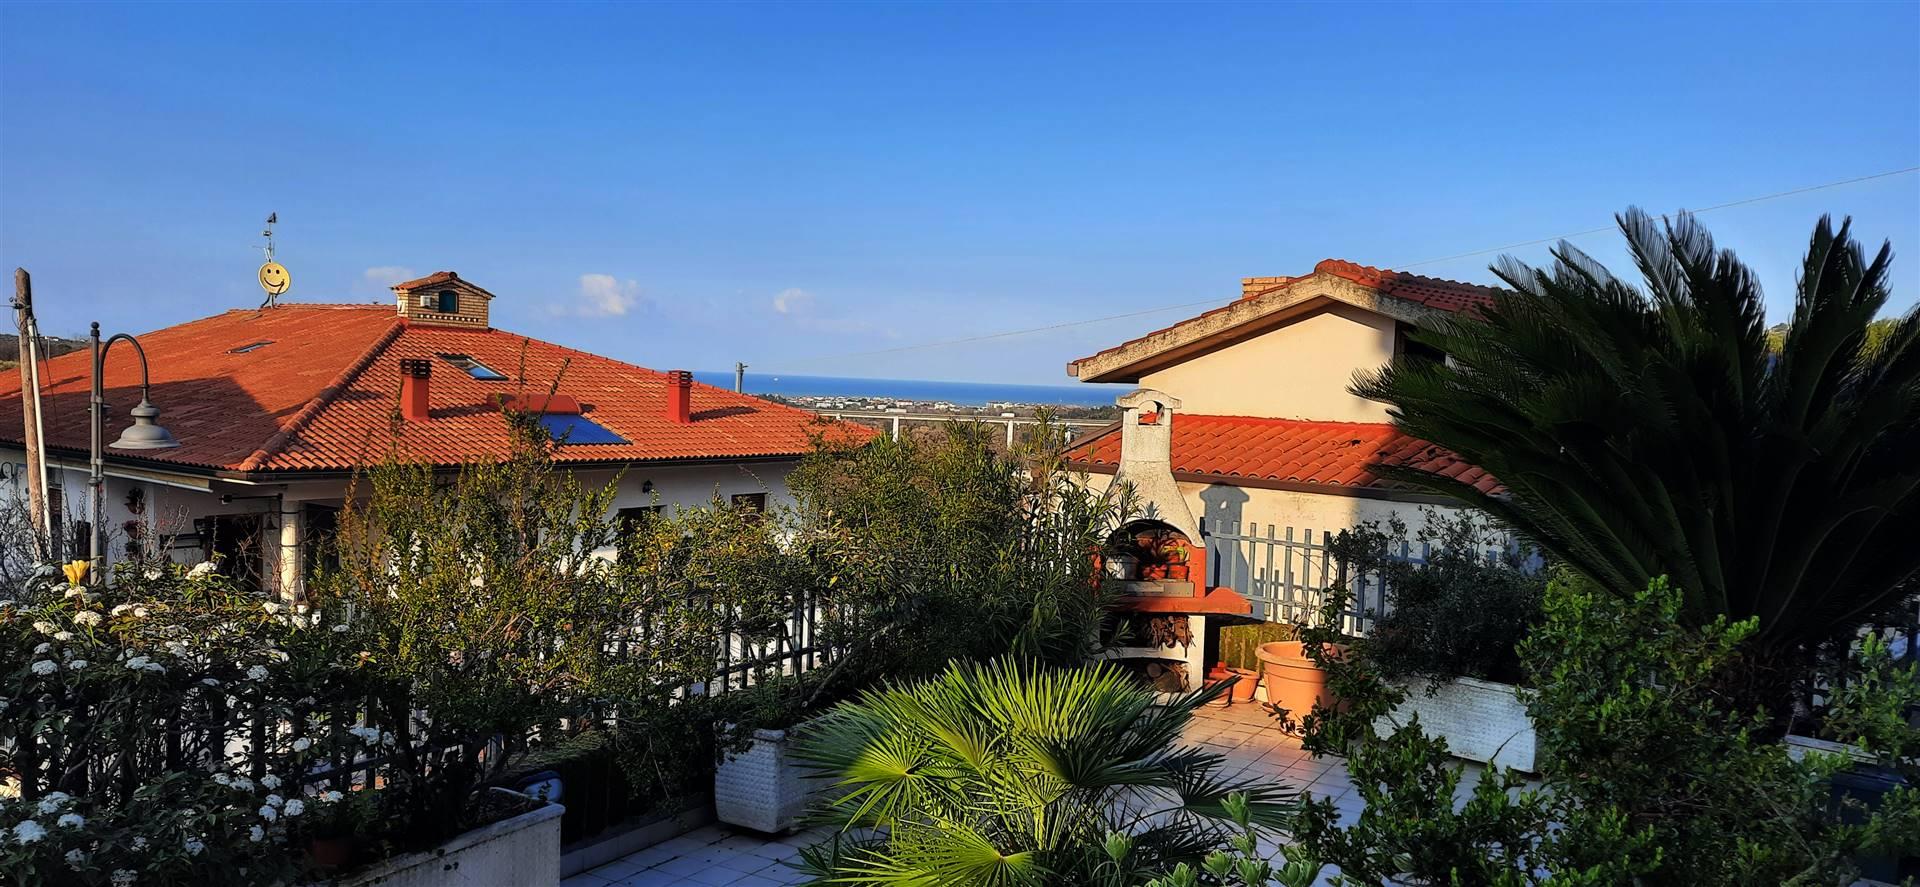 Appartamento in vendita a Torrevecchia Teatina, 6 locali, prezzo € 139.000   PortaleAgenzieImmobiliari.it